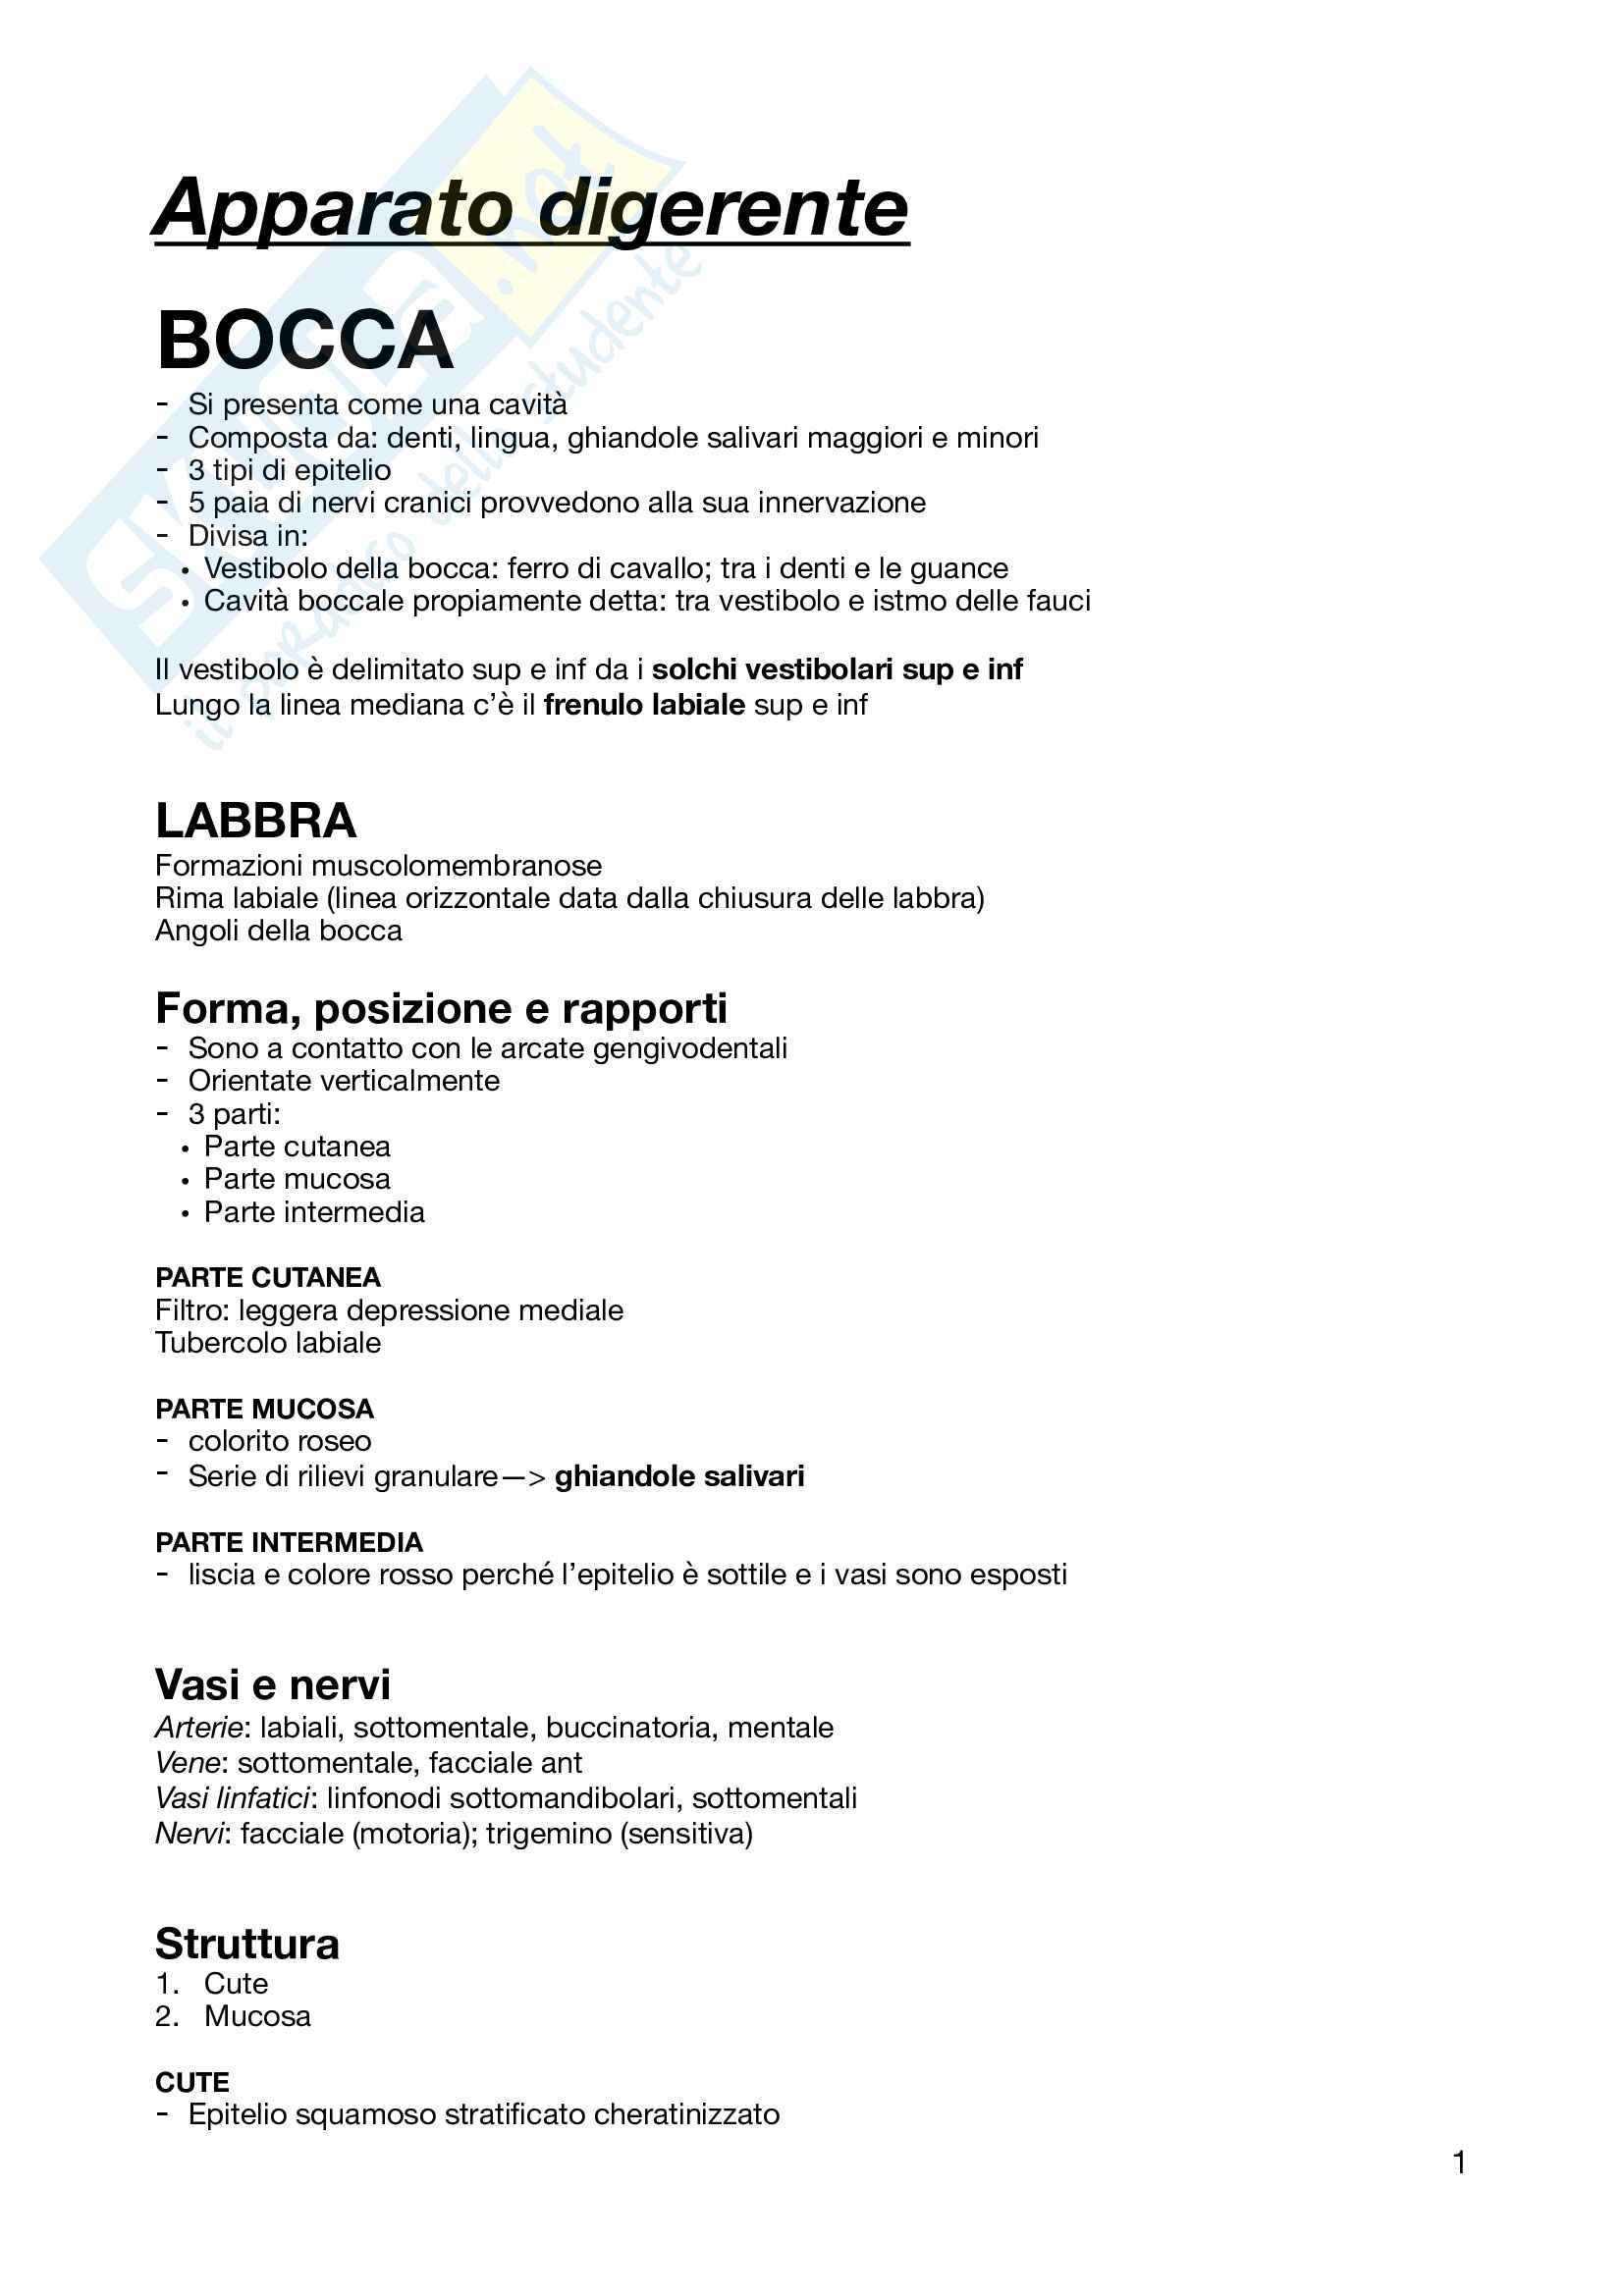 Anatomia Umana - Apparato Digerente